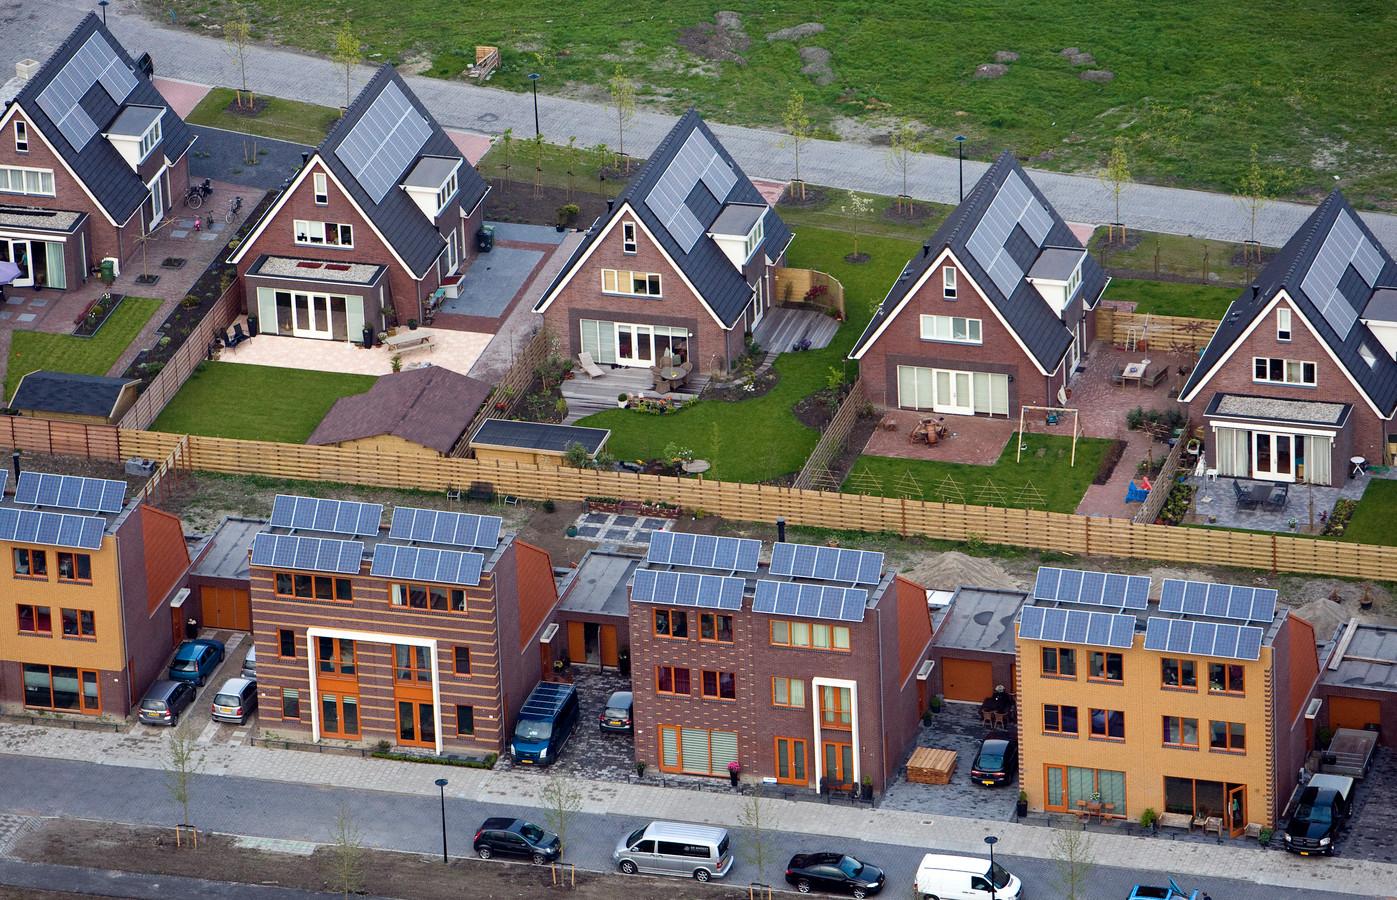 Foto uit 2009. Woonhuizen met zonnepanelen in Heerhugowaard.